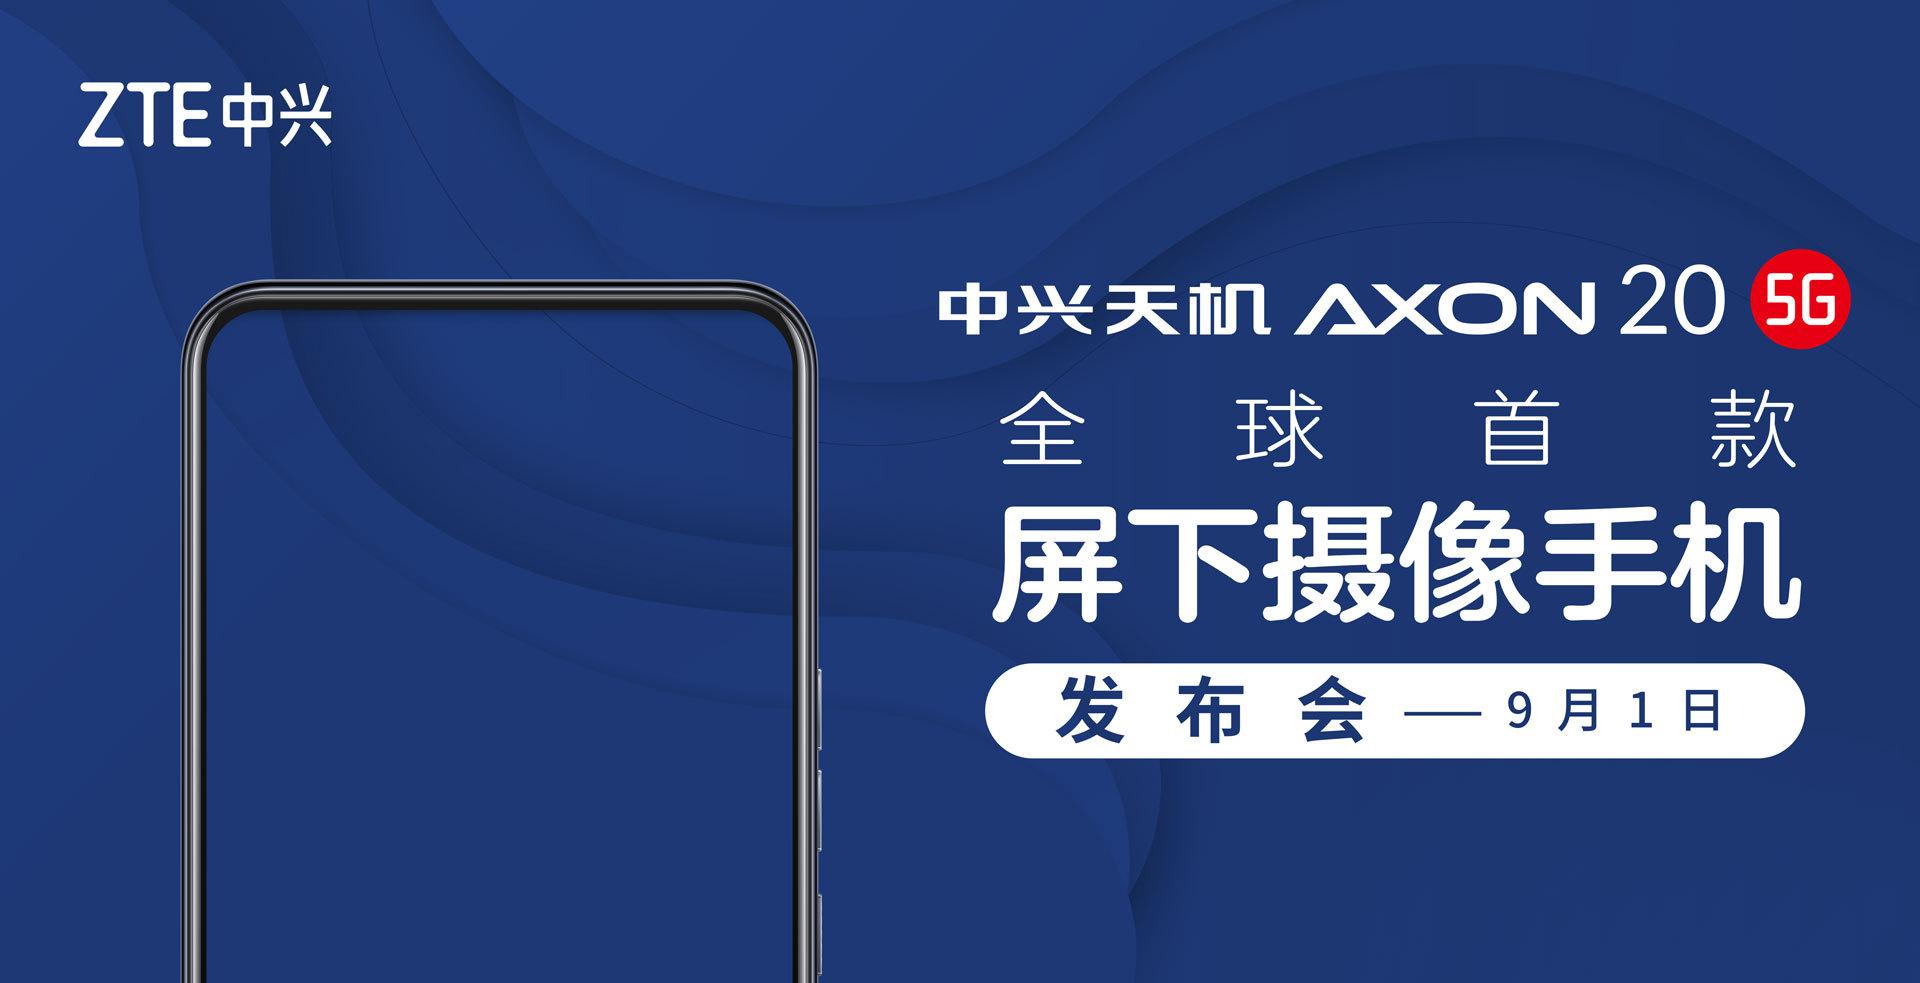 ZTE Axon 20 5G